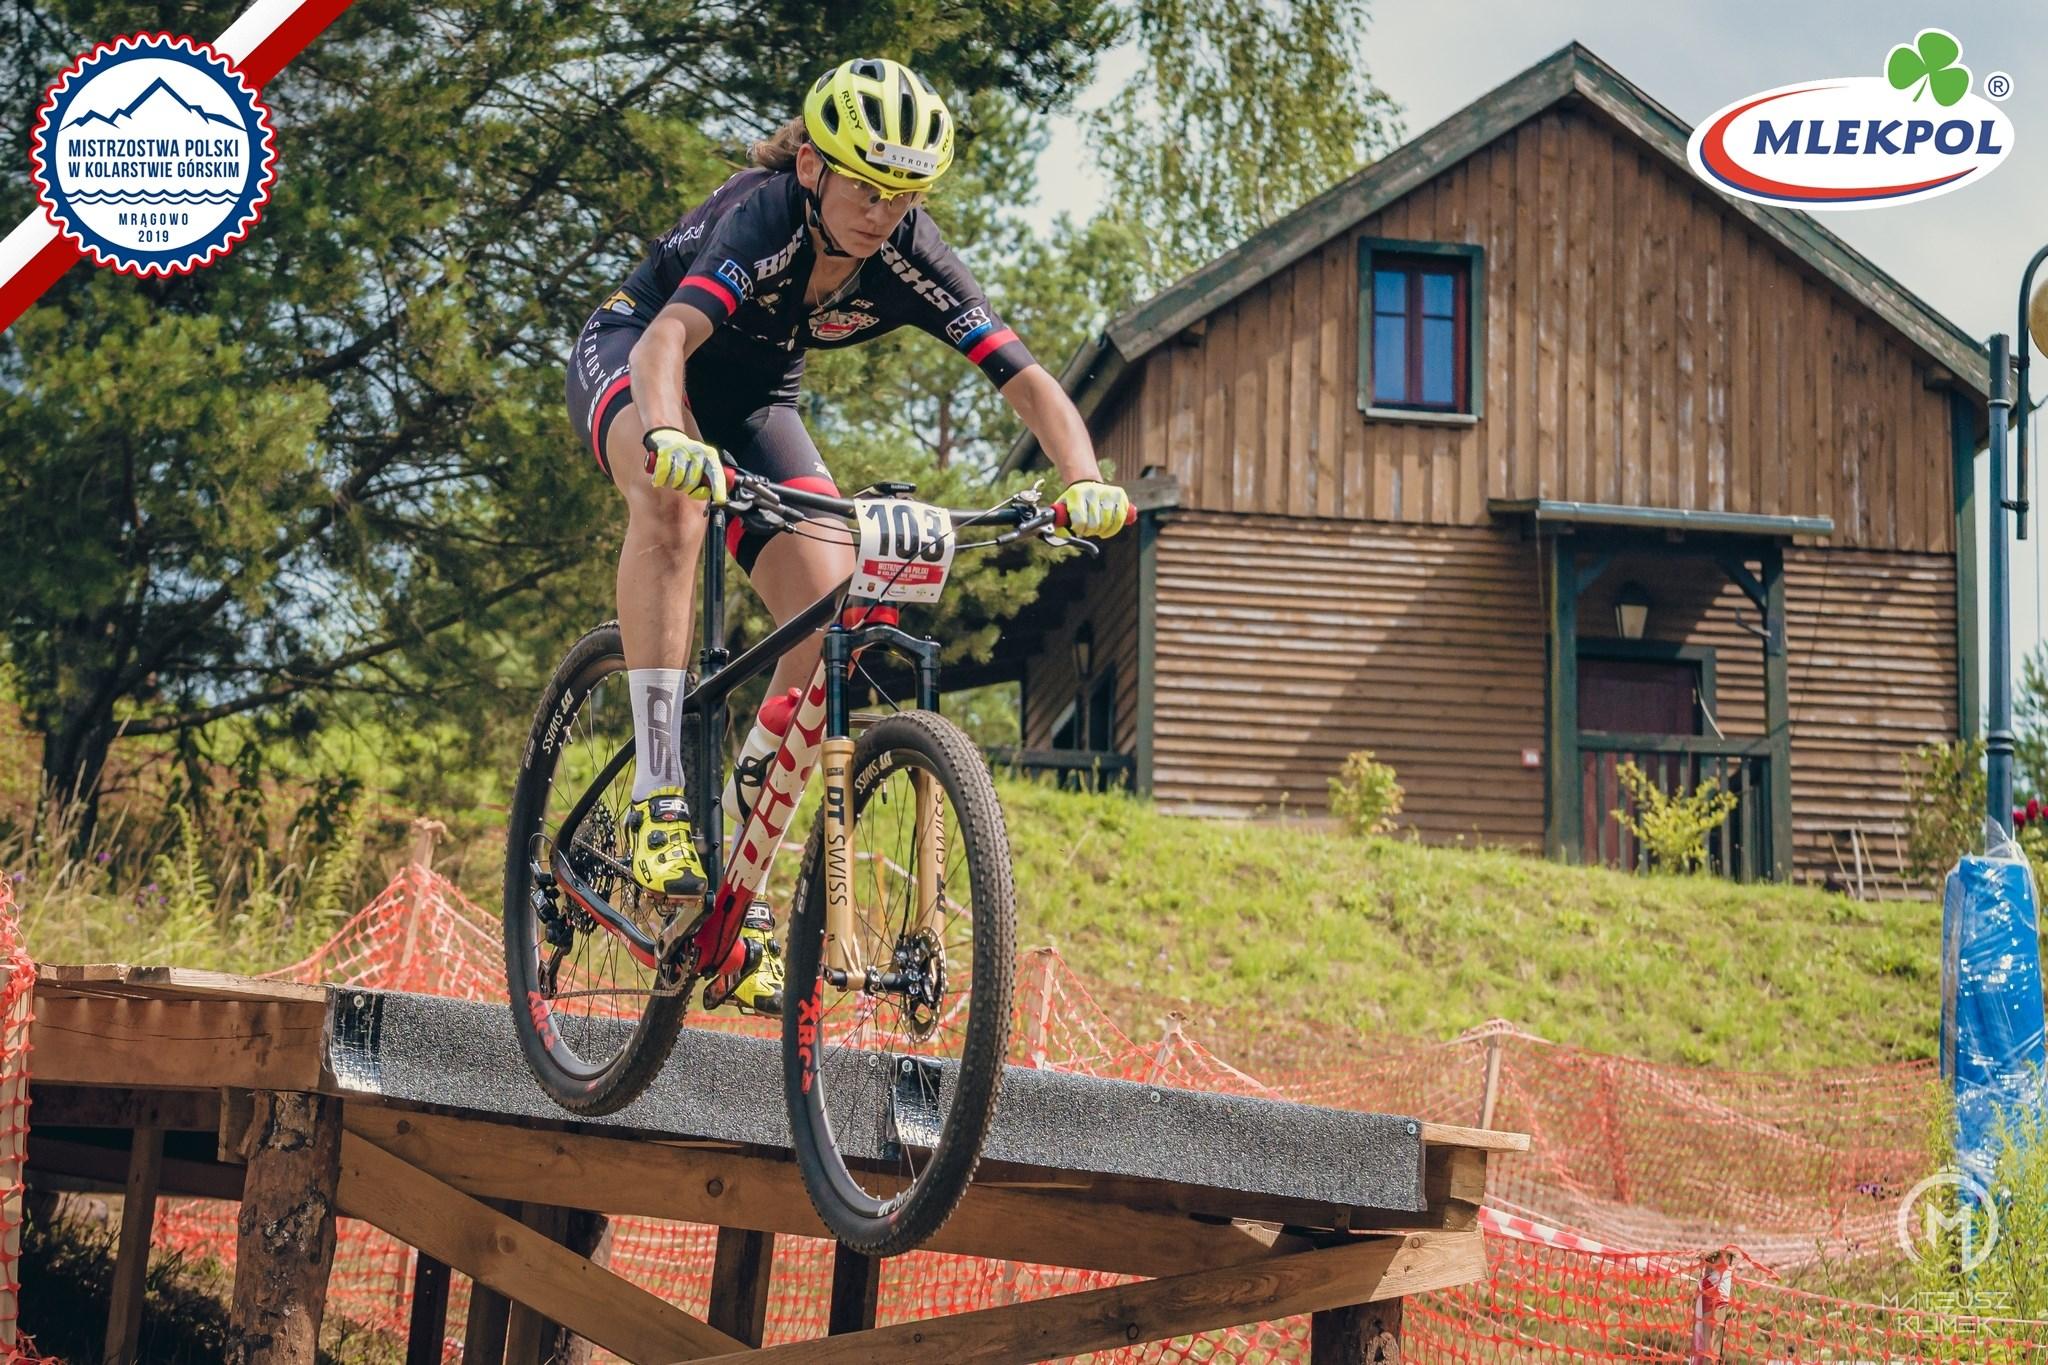 Paula Gorycka (Struby BiXS Team) – Mistrzostwa Polski w kolarstwie górskim, Mrągowo